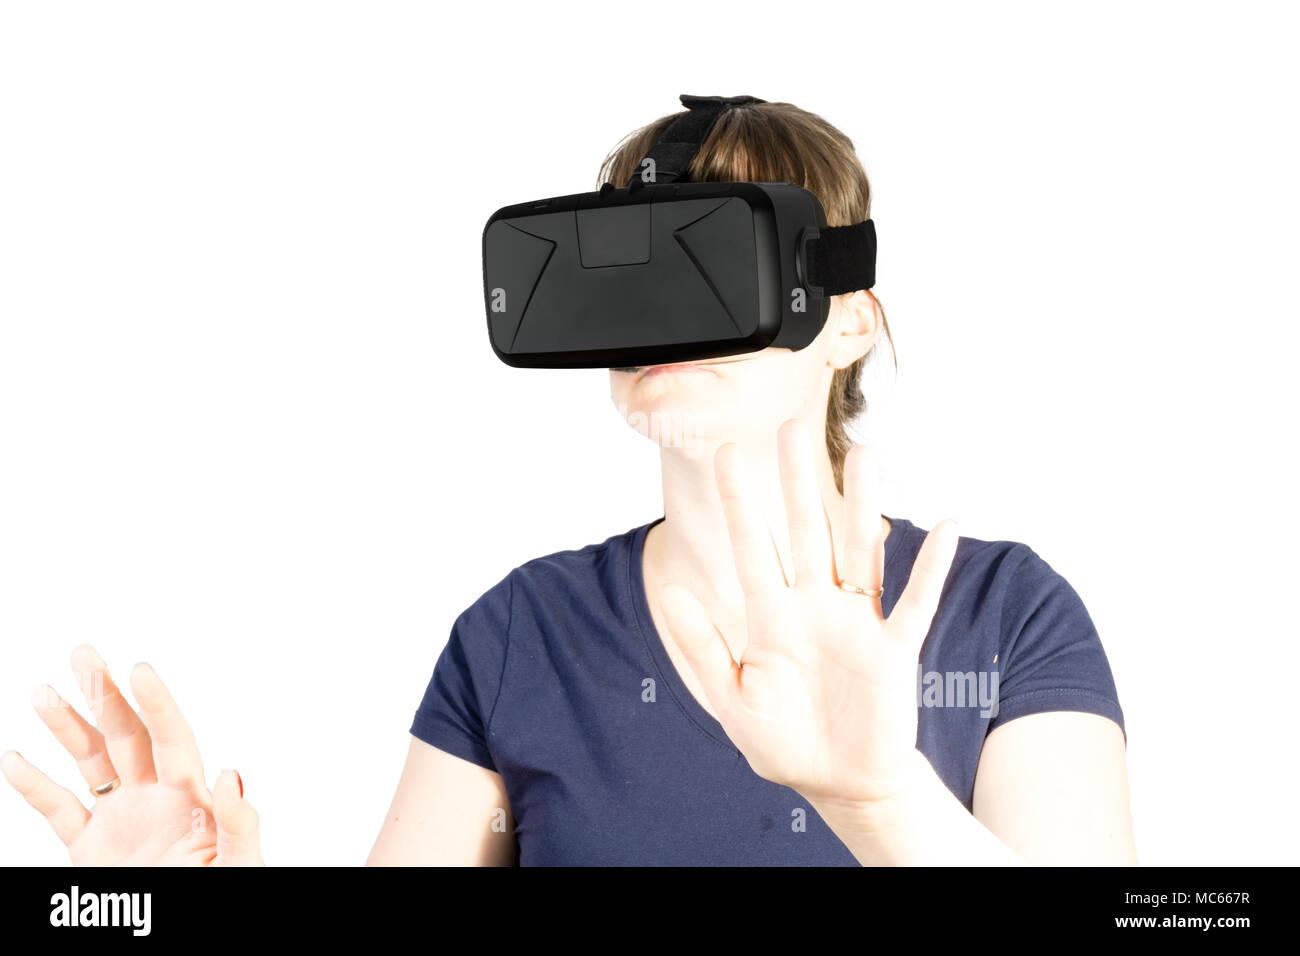 Attraktive junge Frau, die ihre VR-Headset einstellen. Auf weissem Hintergrund Stockbild